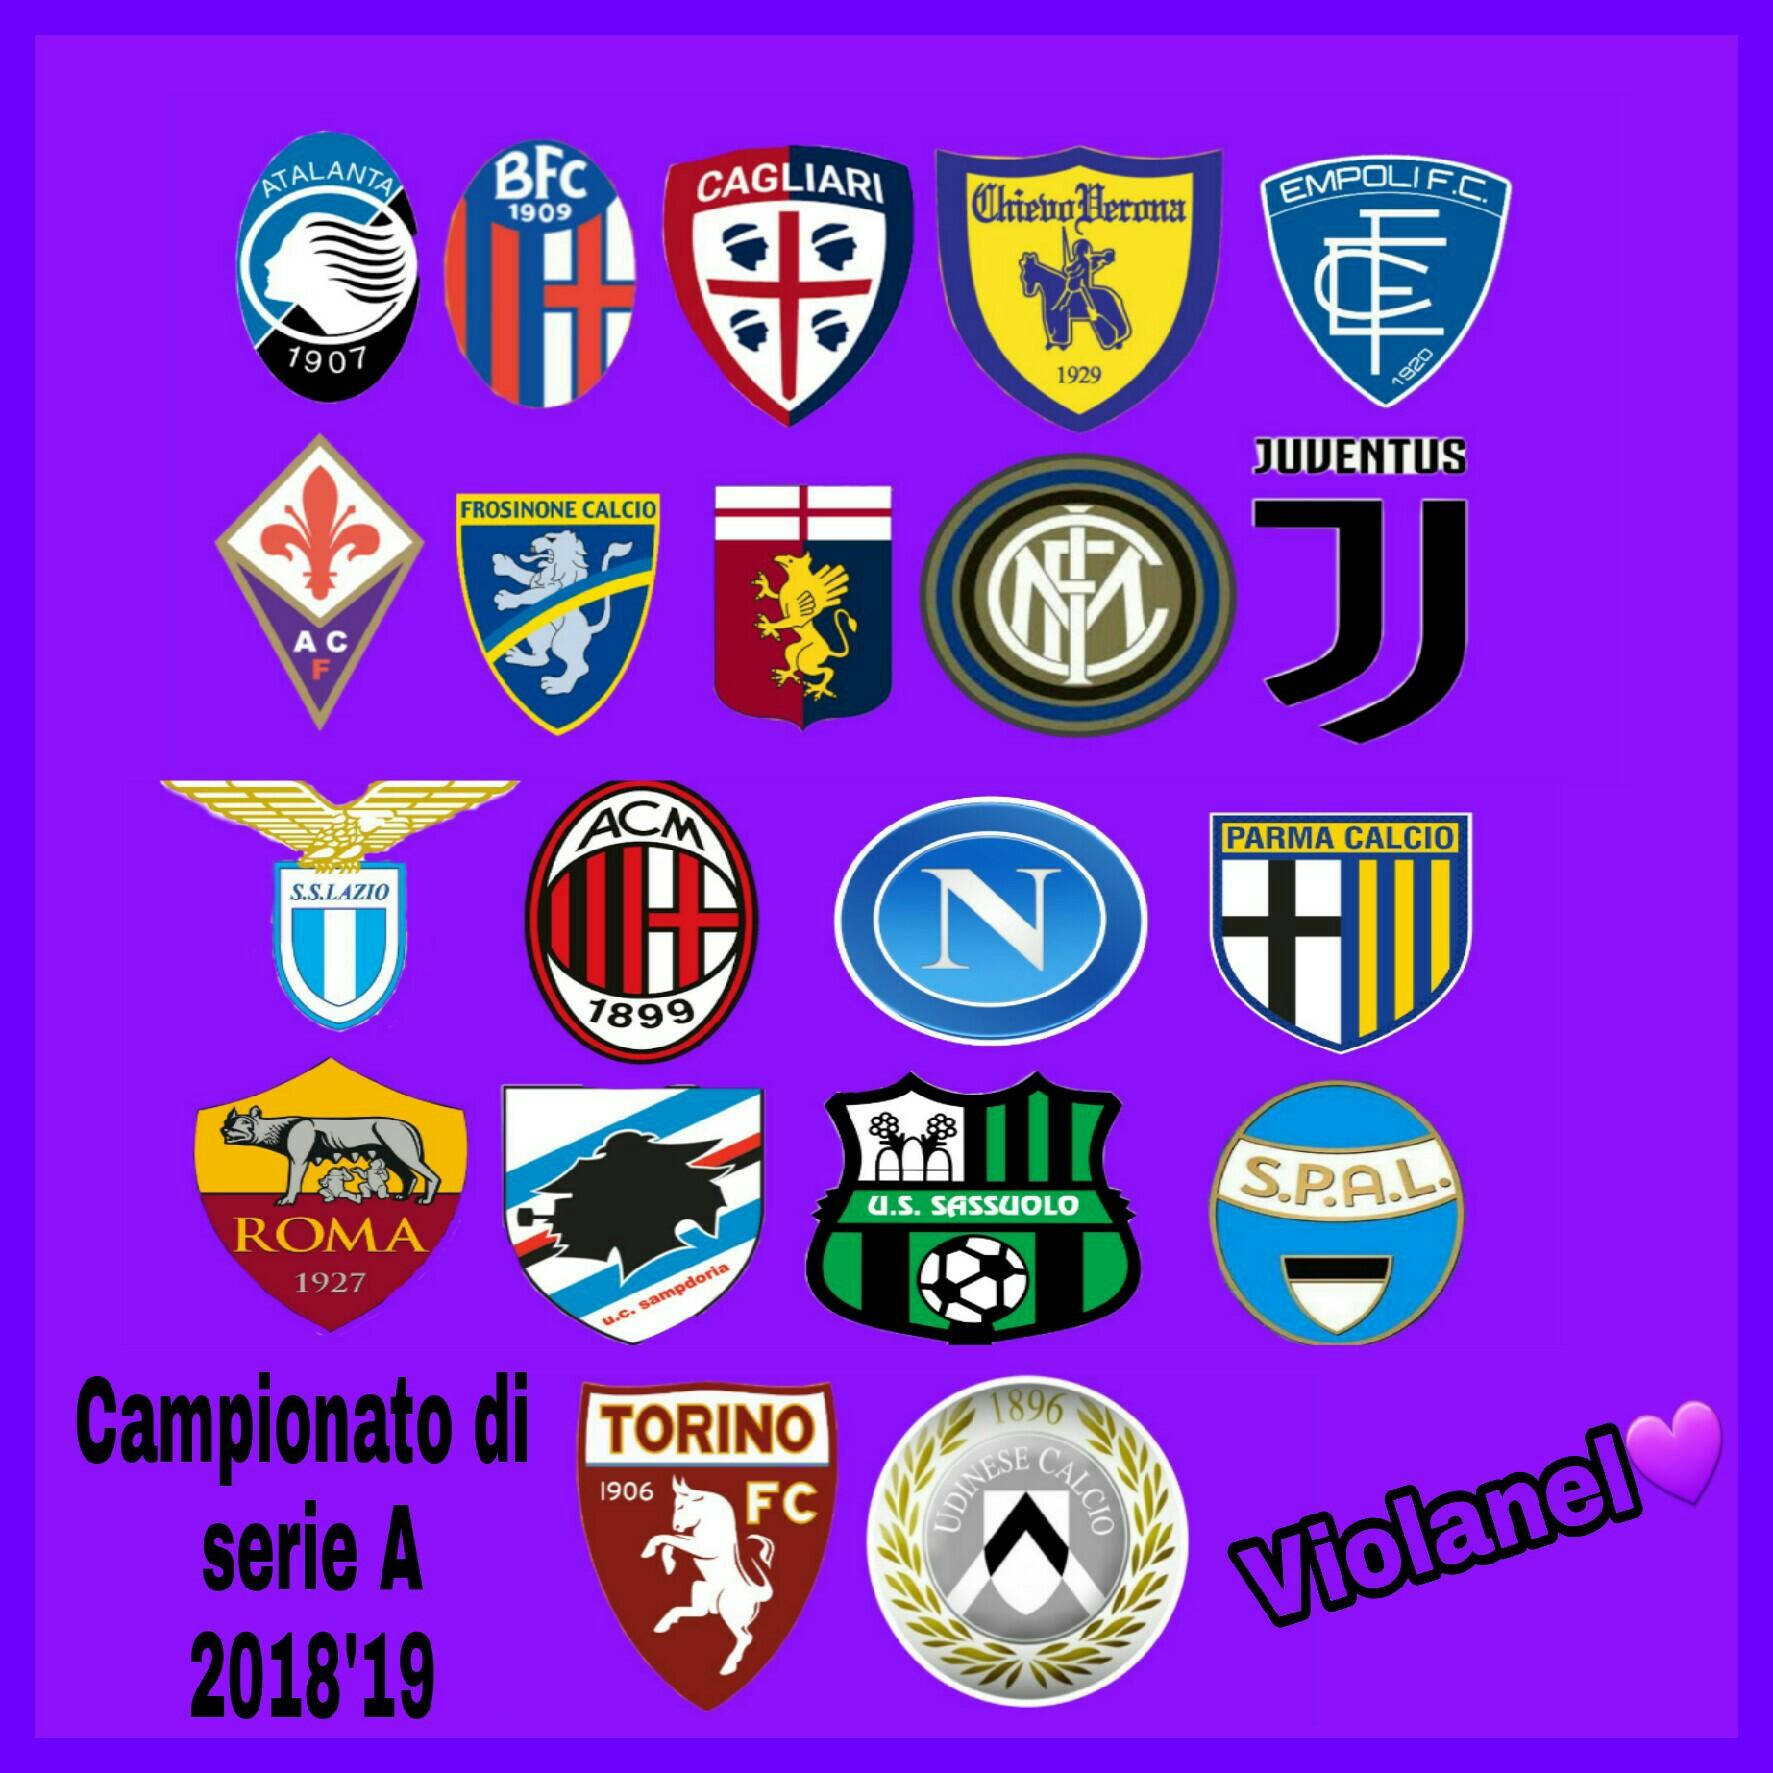 Risultati E Classifica Della 6 Giornata Di Campionato Di Serie A 2018 19 Snt71violanelcuore